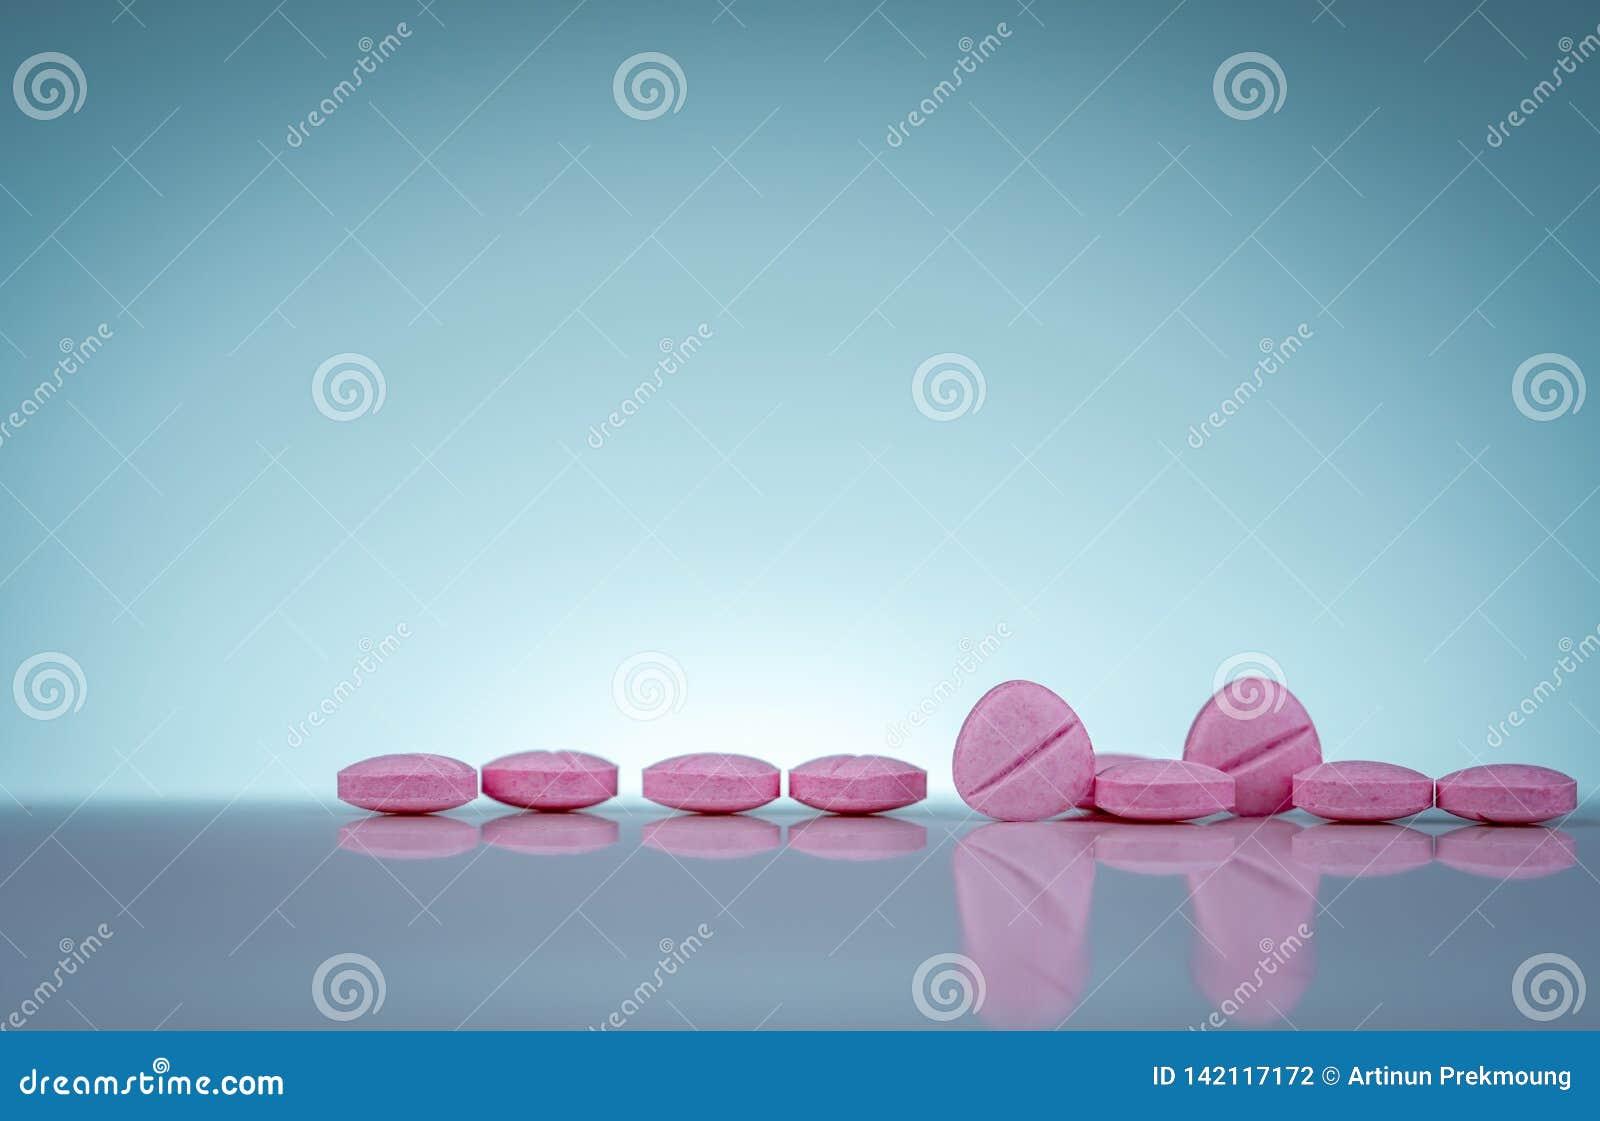 Rosa Tablettenpillen mit Schatten auf Steigungshintergrund viele Flaschen Medizin Apothekenprodukte Vitamine und Ergänzungen